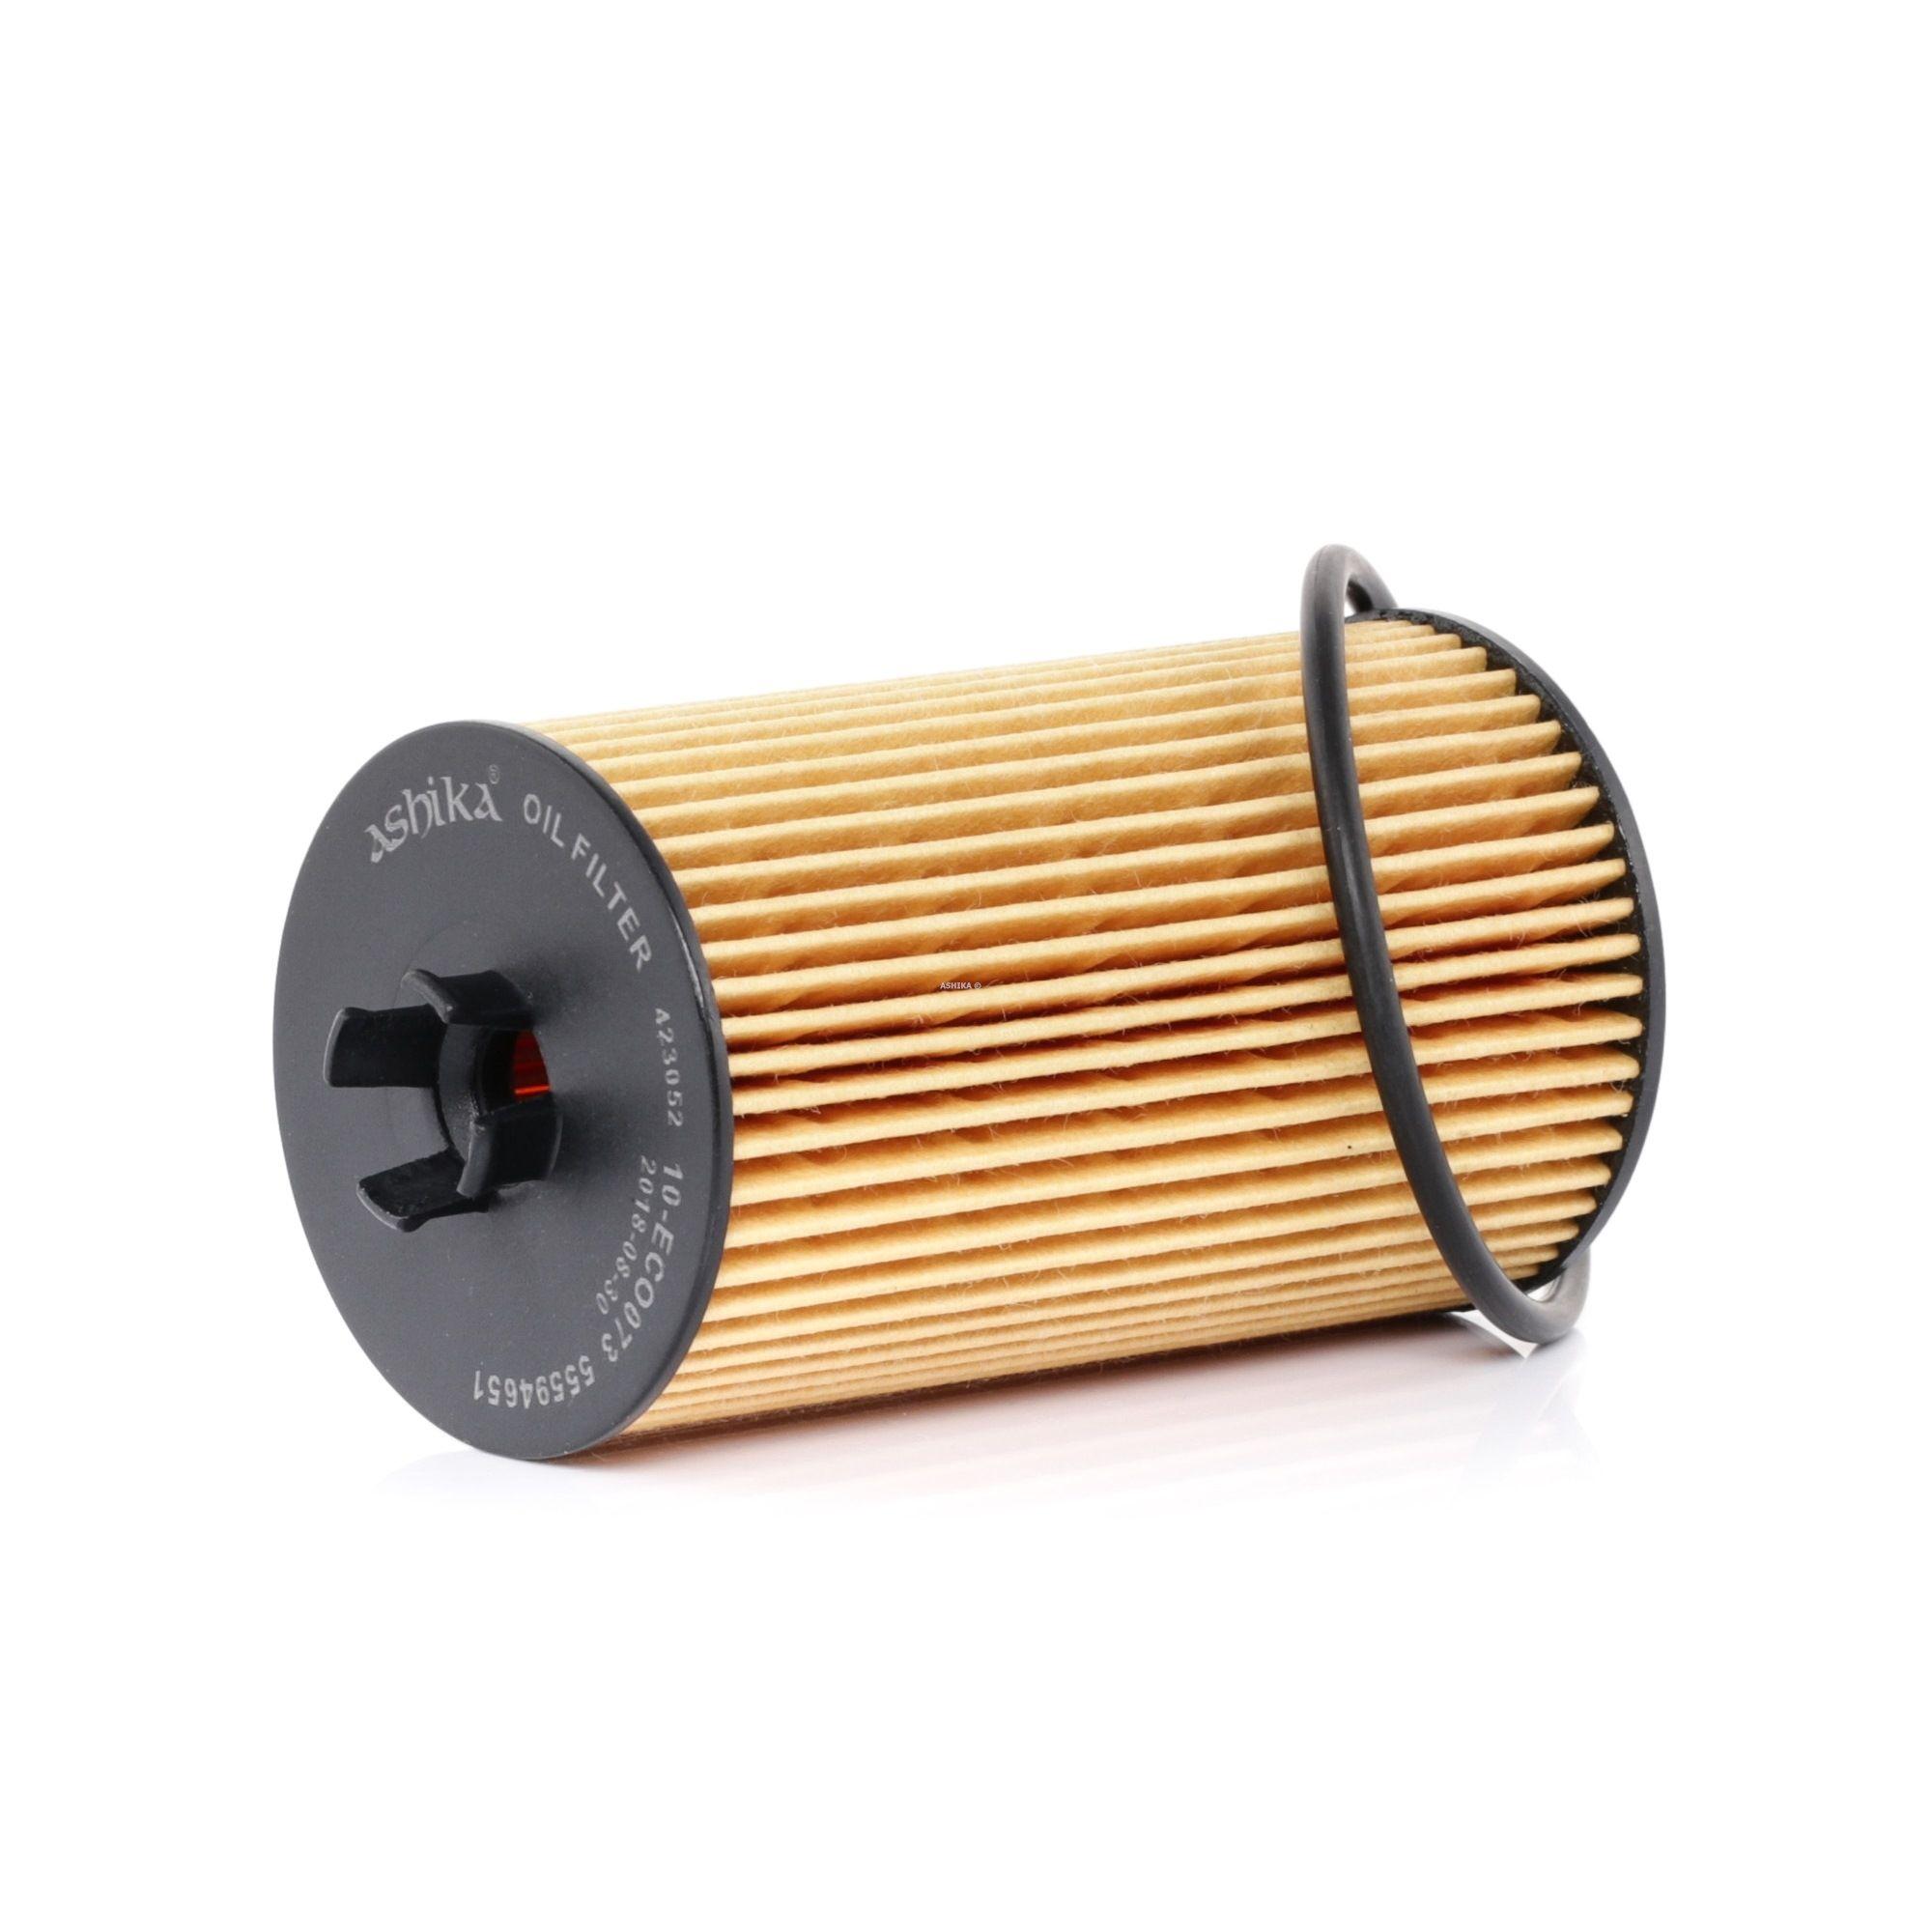 Filter 10-ECO073 som är helt ASHIKA otroligt kostnadseffektivt